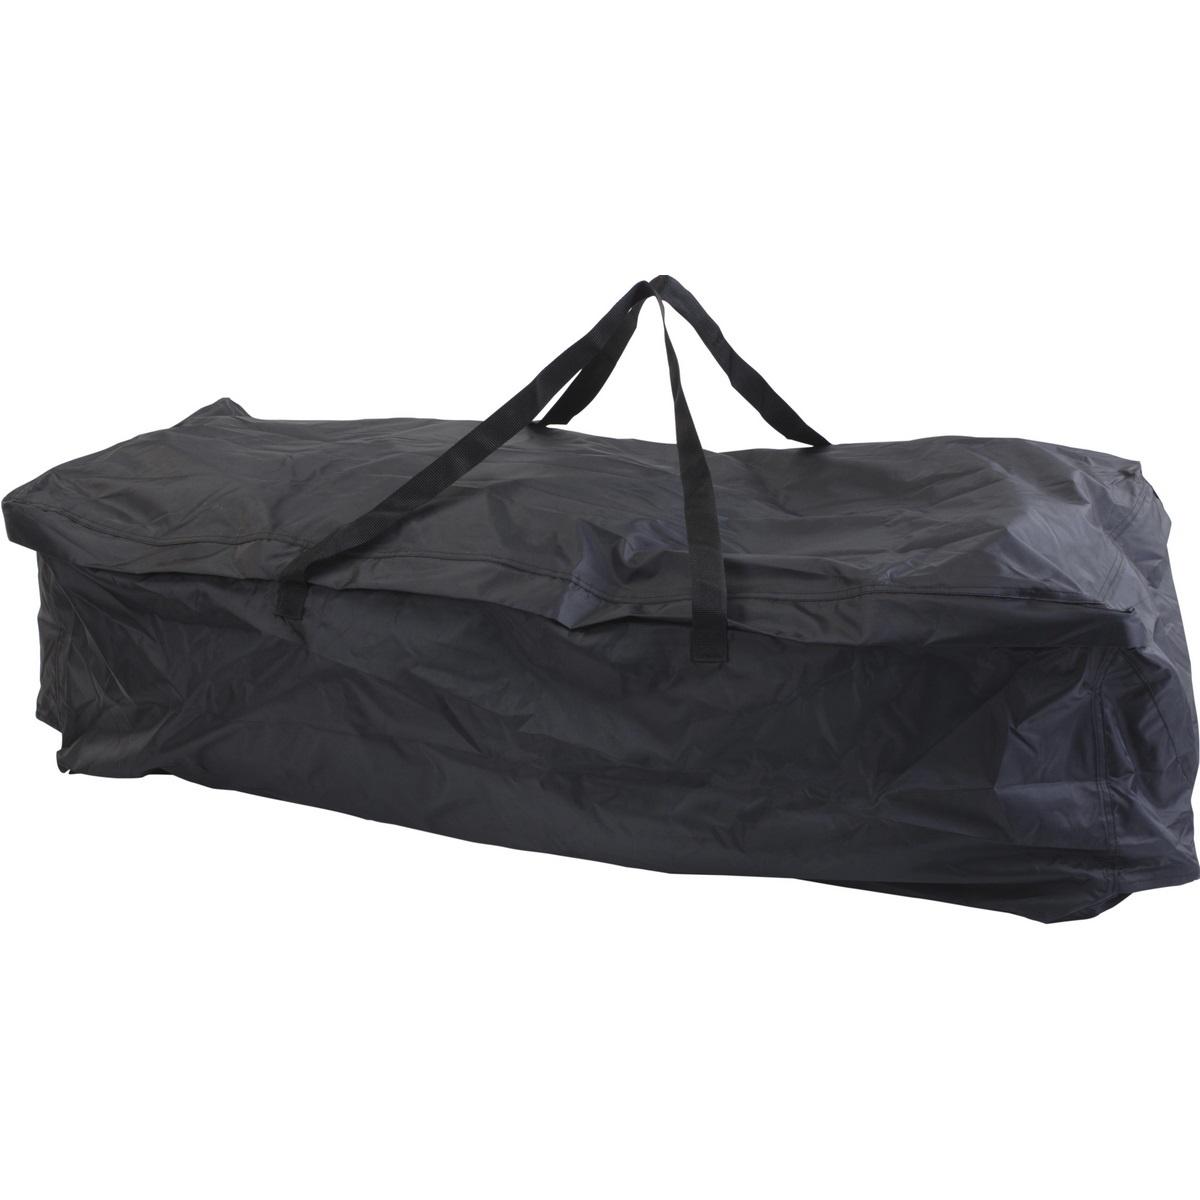 Koopman Skládací cestovní taška černá, 116 x 49 x 35 cm